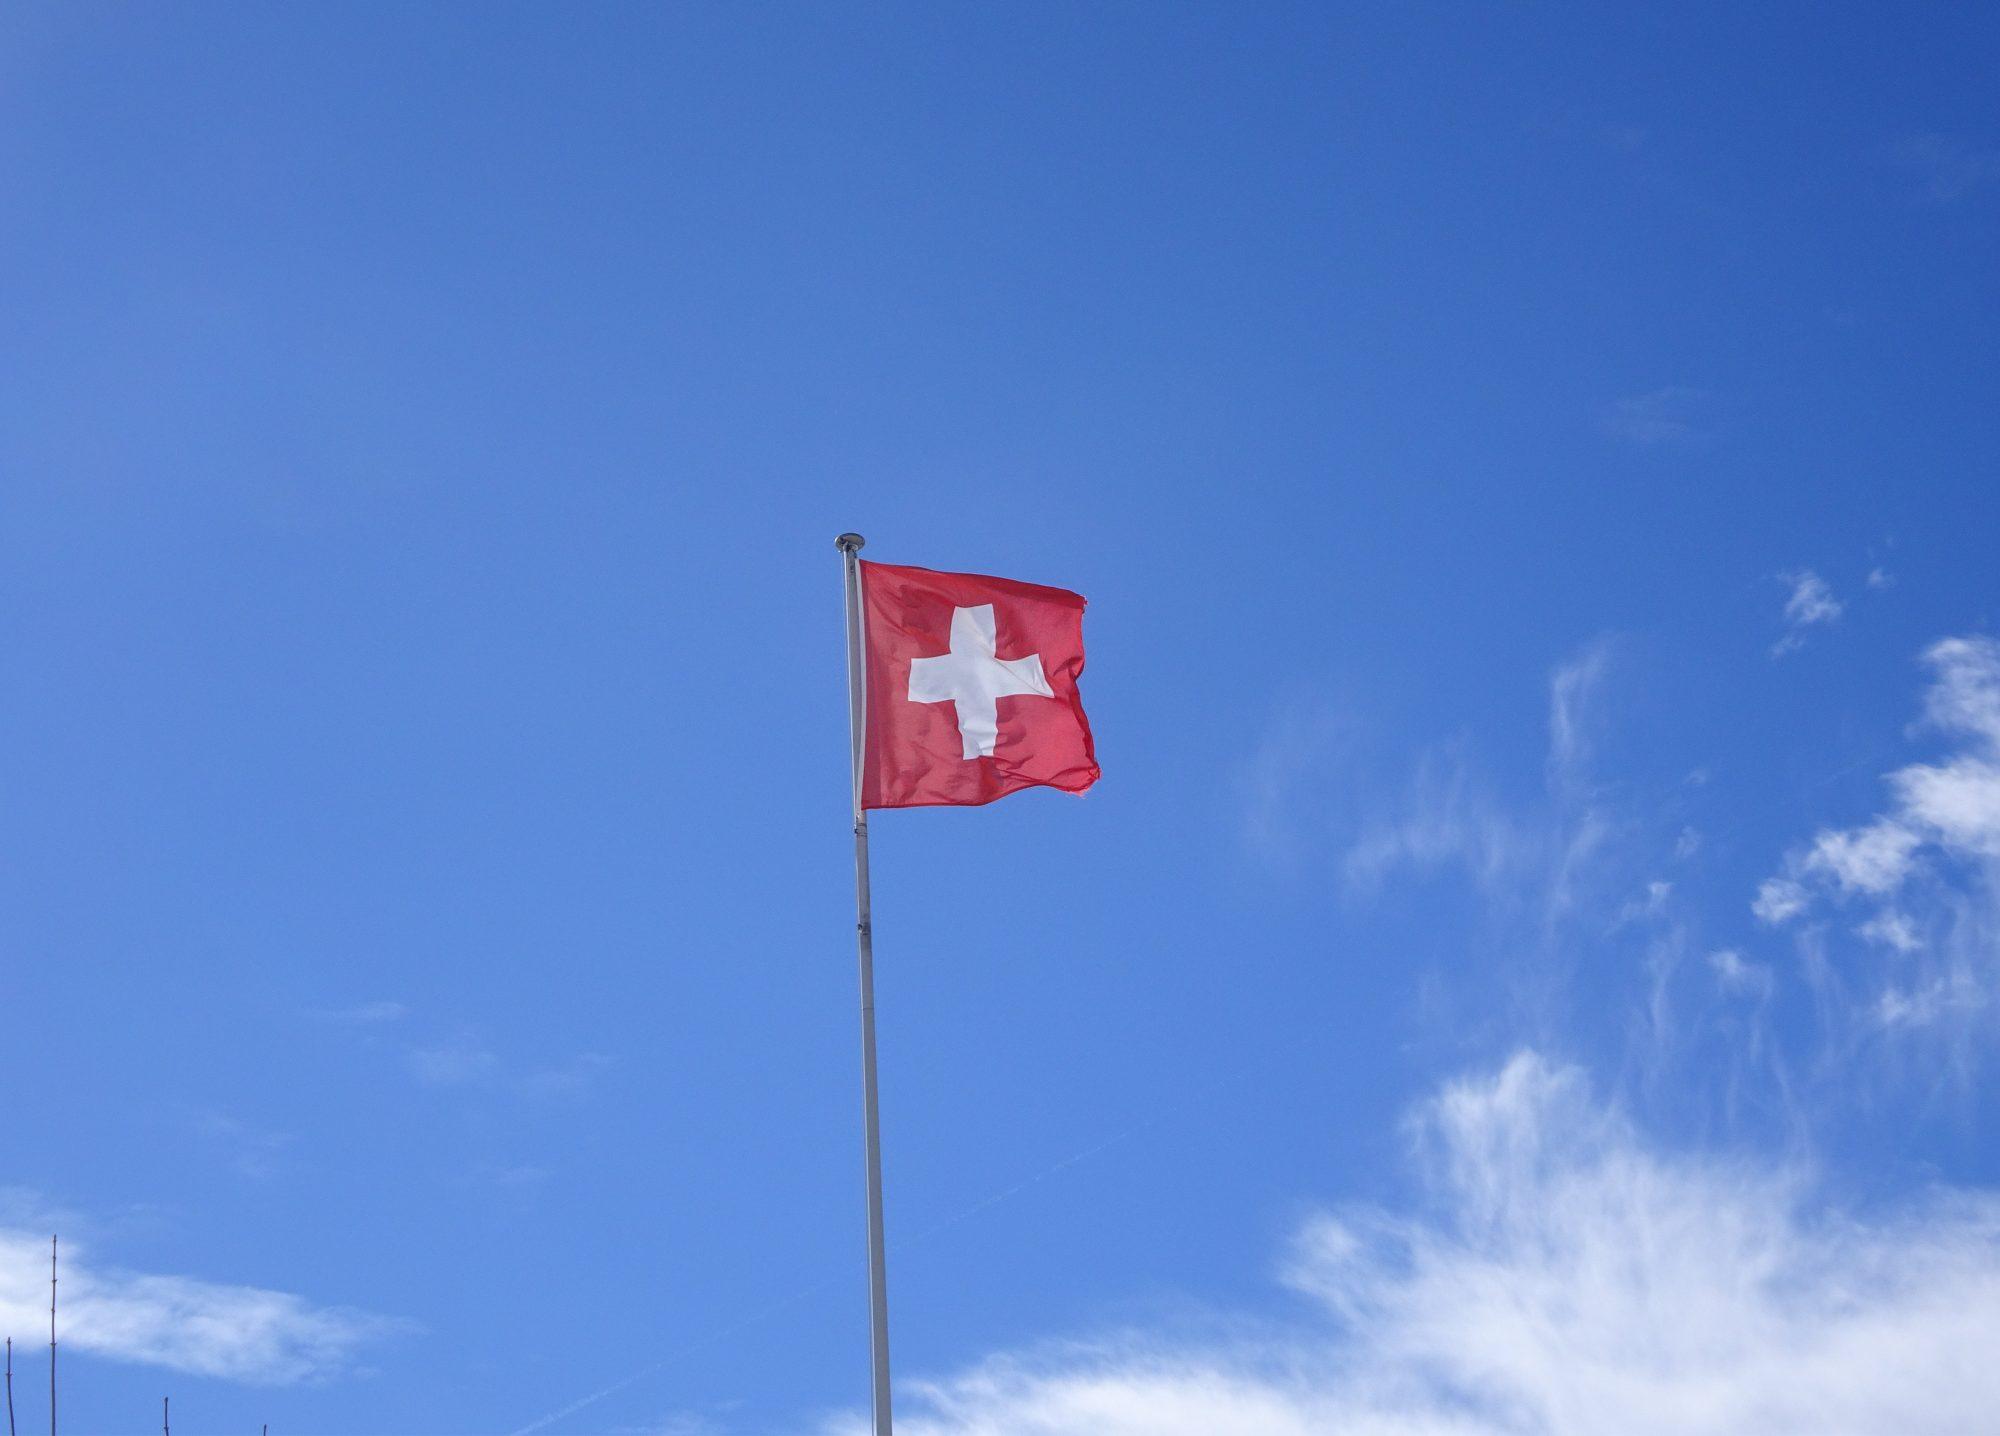 Schweiz, Luzern, Zürich, Rigi, Winterwanderung, Flagge Schweiz